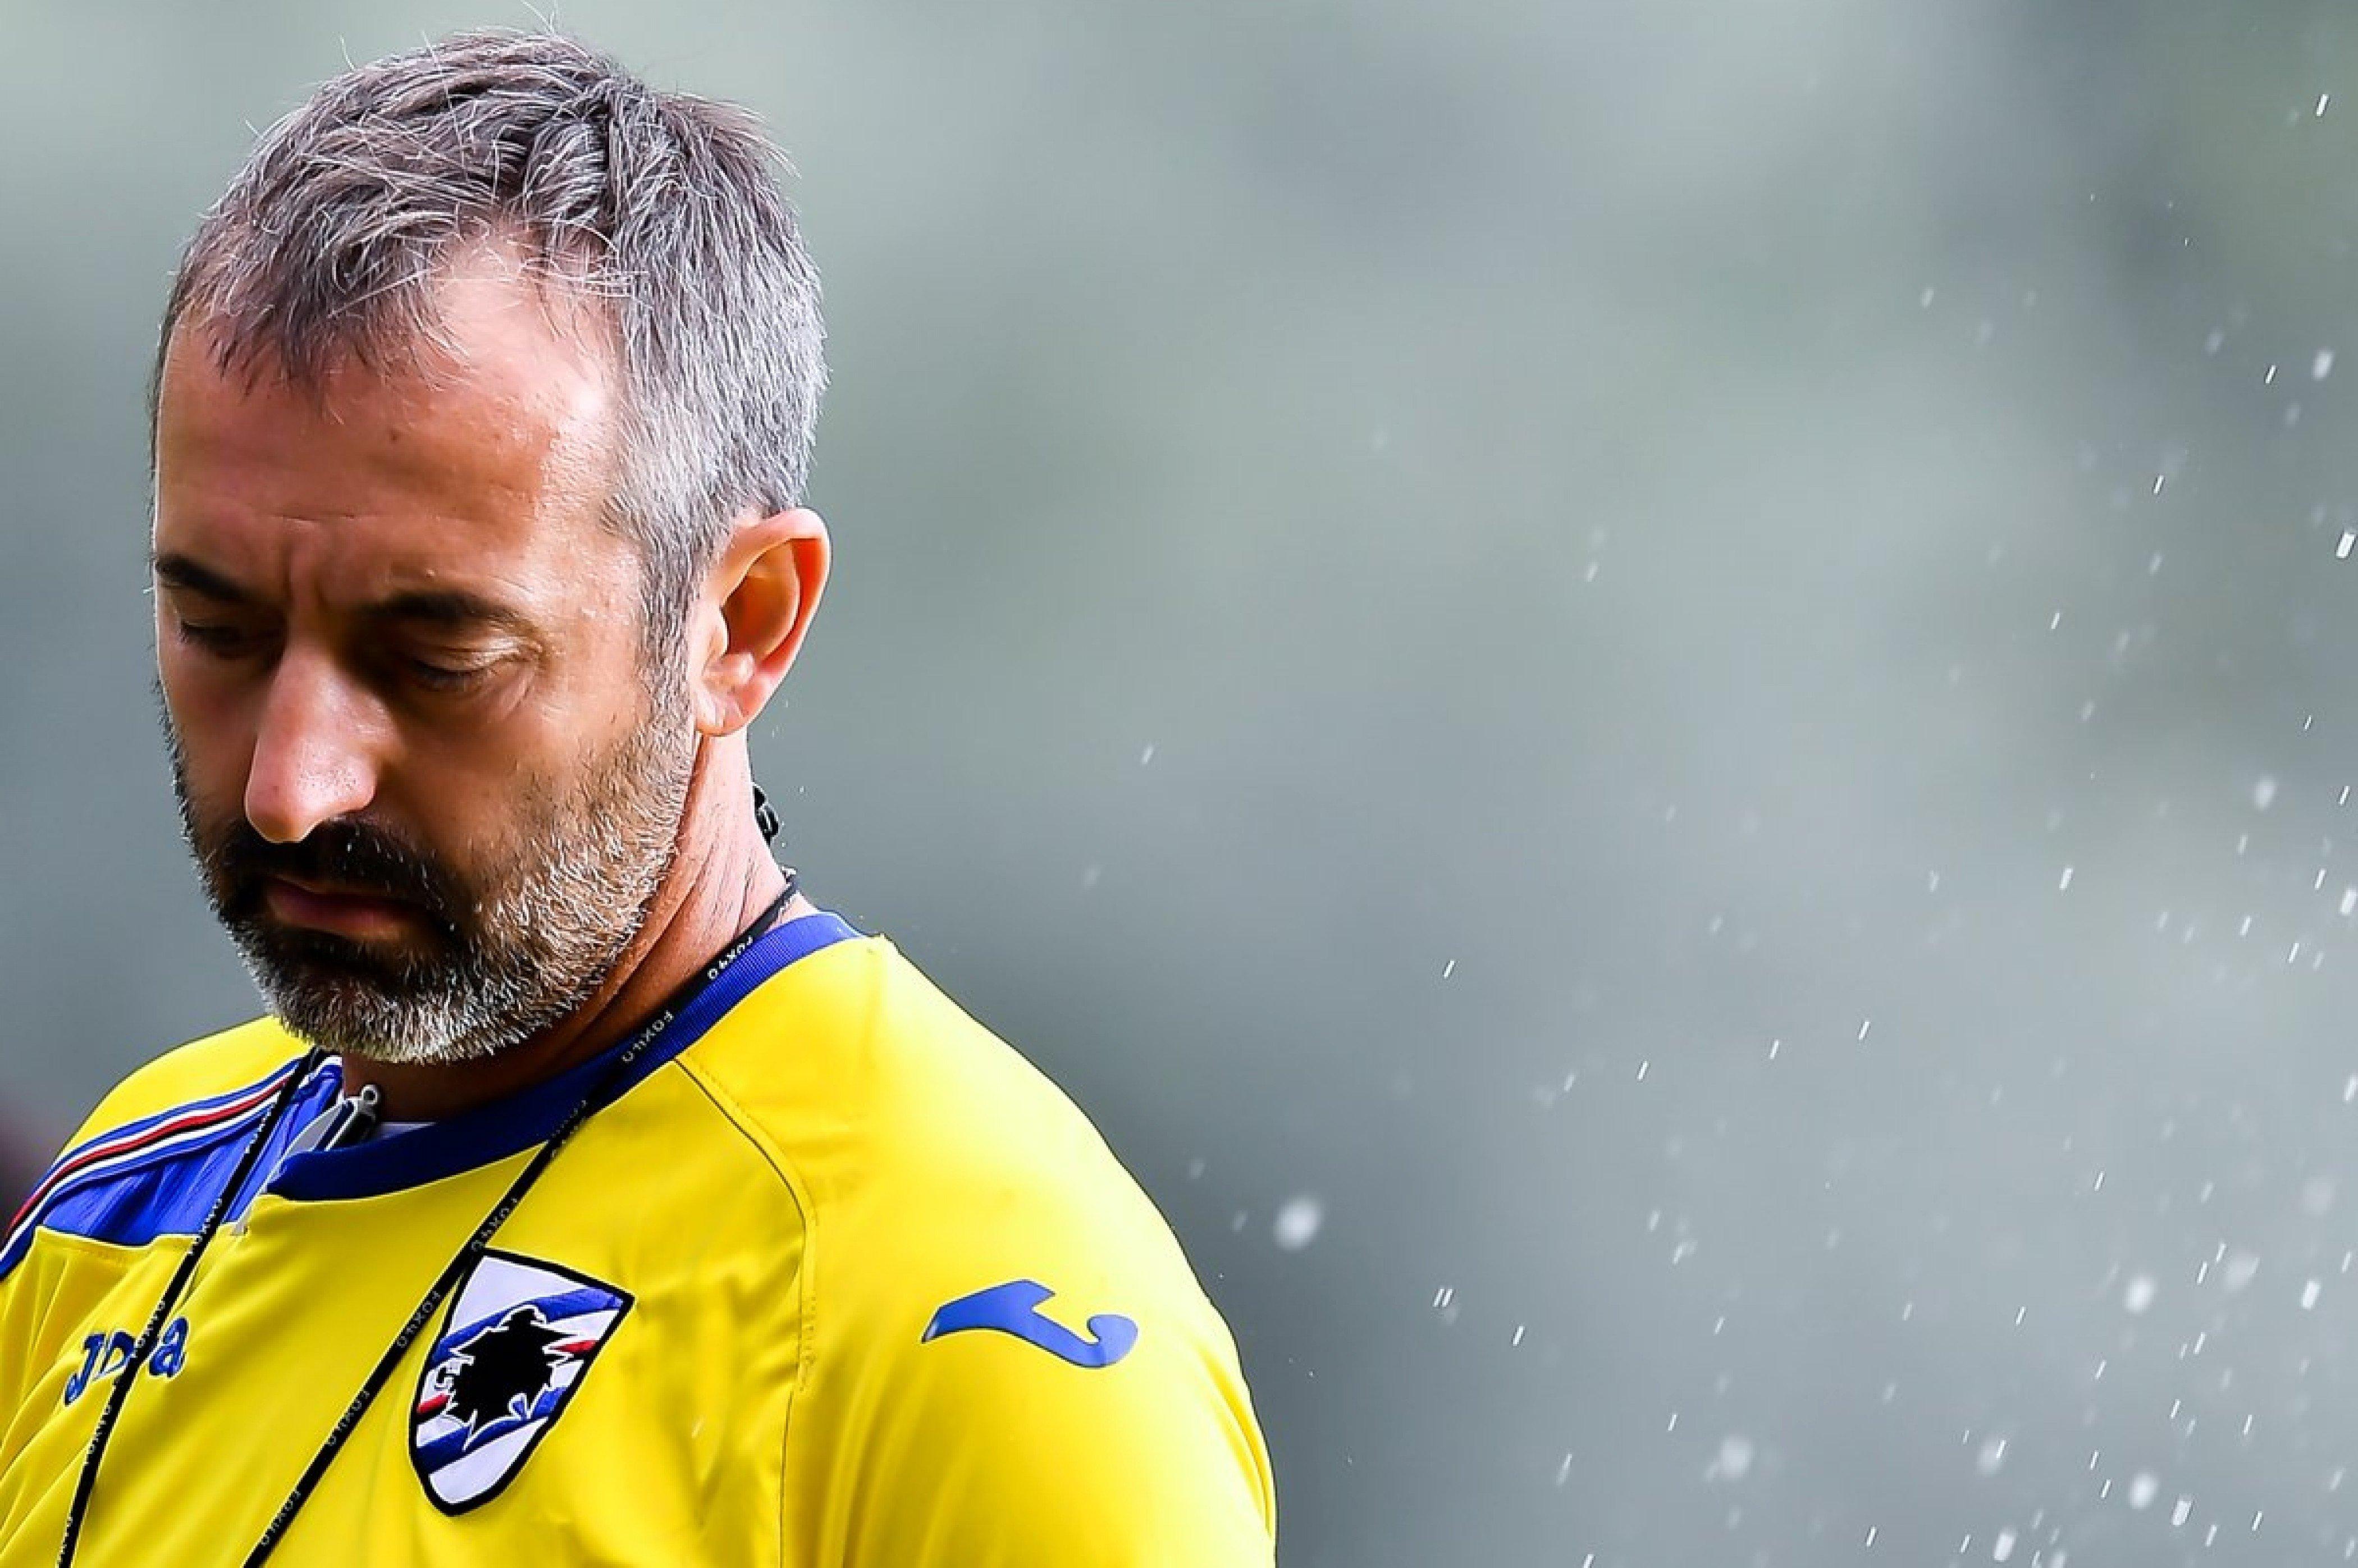 Frosinone - Sampdoria, gli uomini di Giampaolo cercano continuità